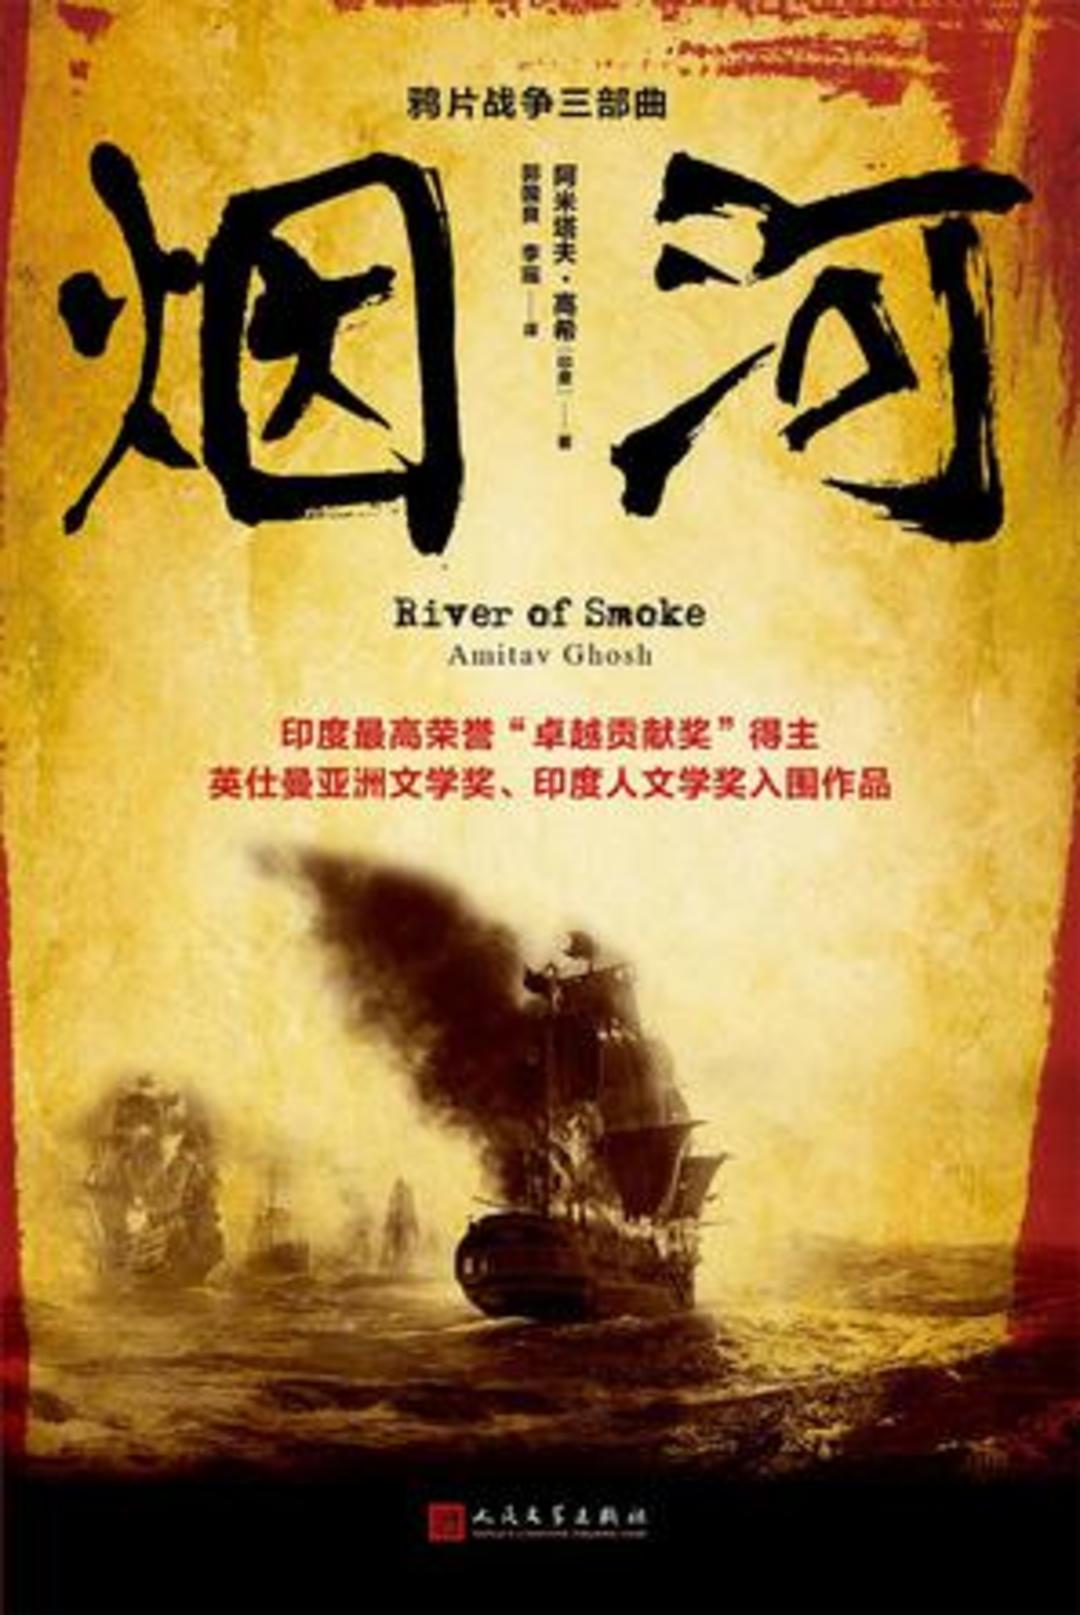 「上海书展」这位作家揭示了鸦片战争的另一个主角:印度_文化_好奇心日报